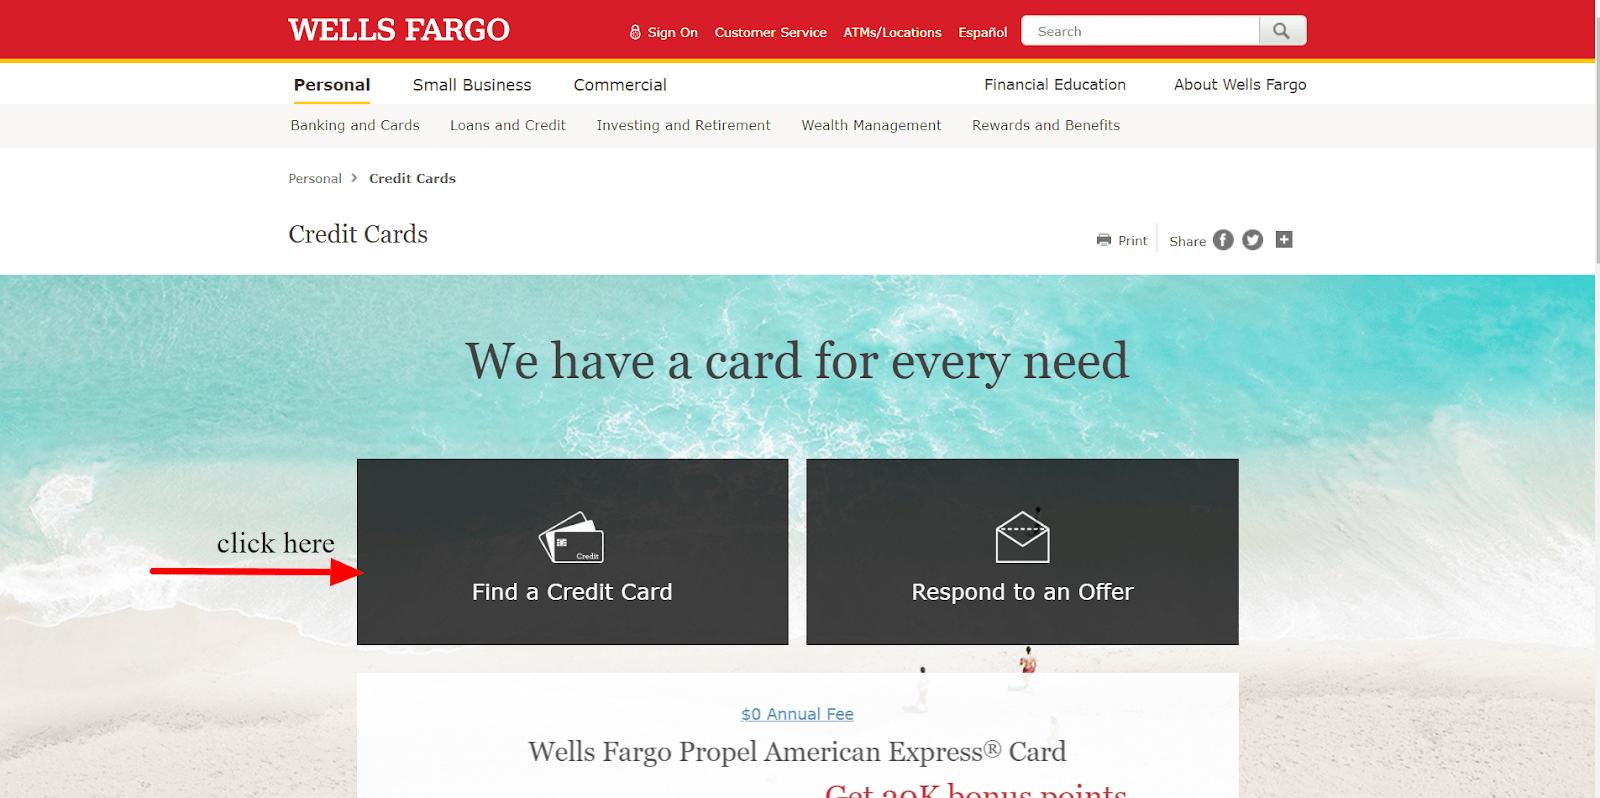 Wells Fargo's Card Activation Easy way [ 2019 BEST Process ]